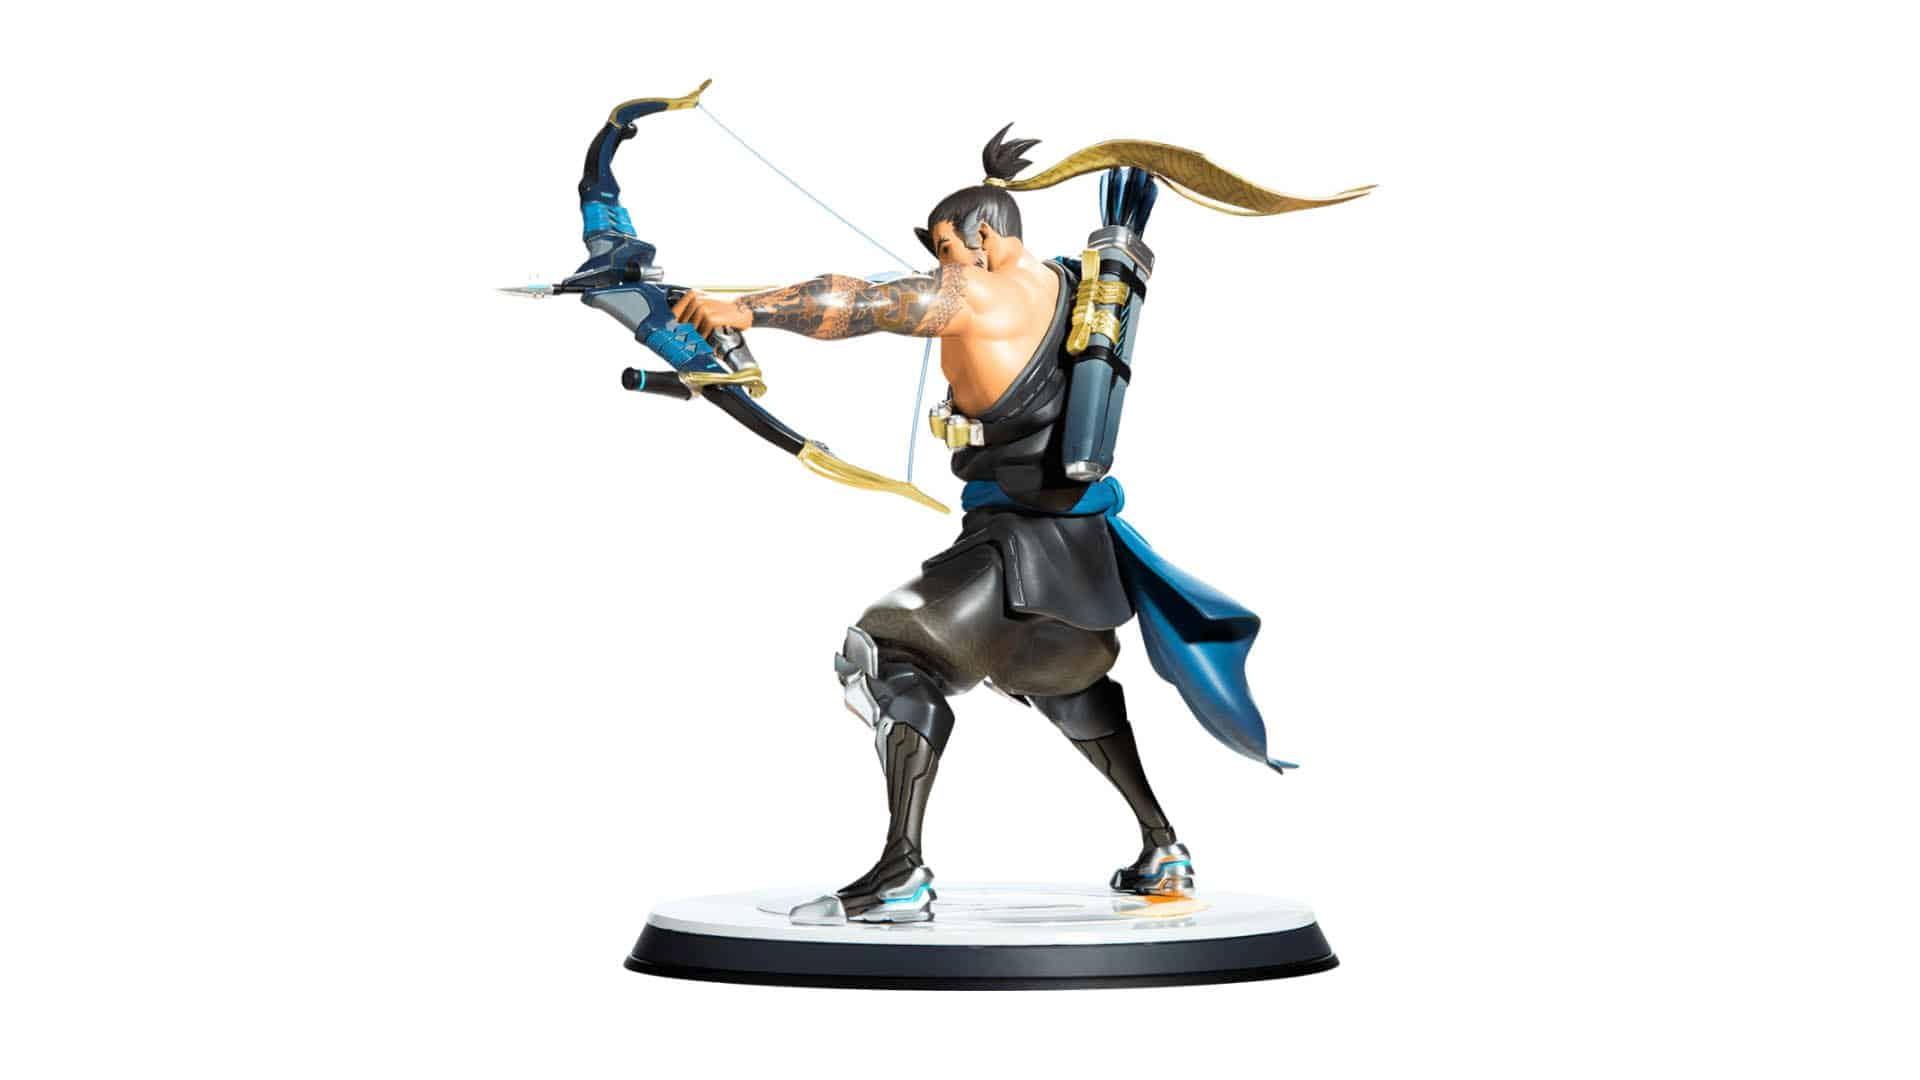 Blizzard Overwatch Hanzo Statue 7